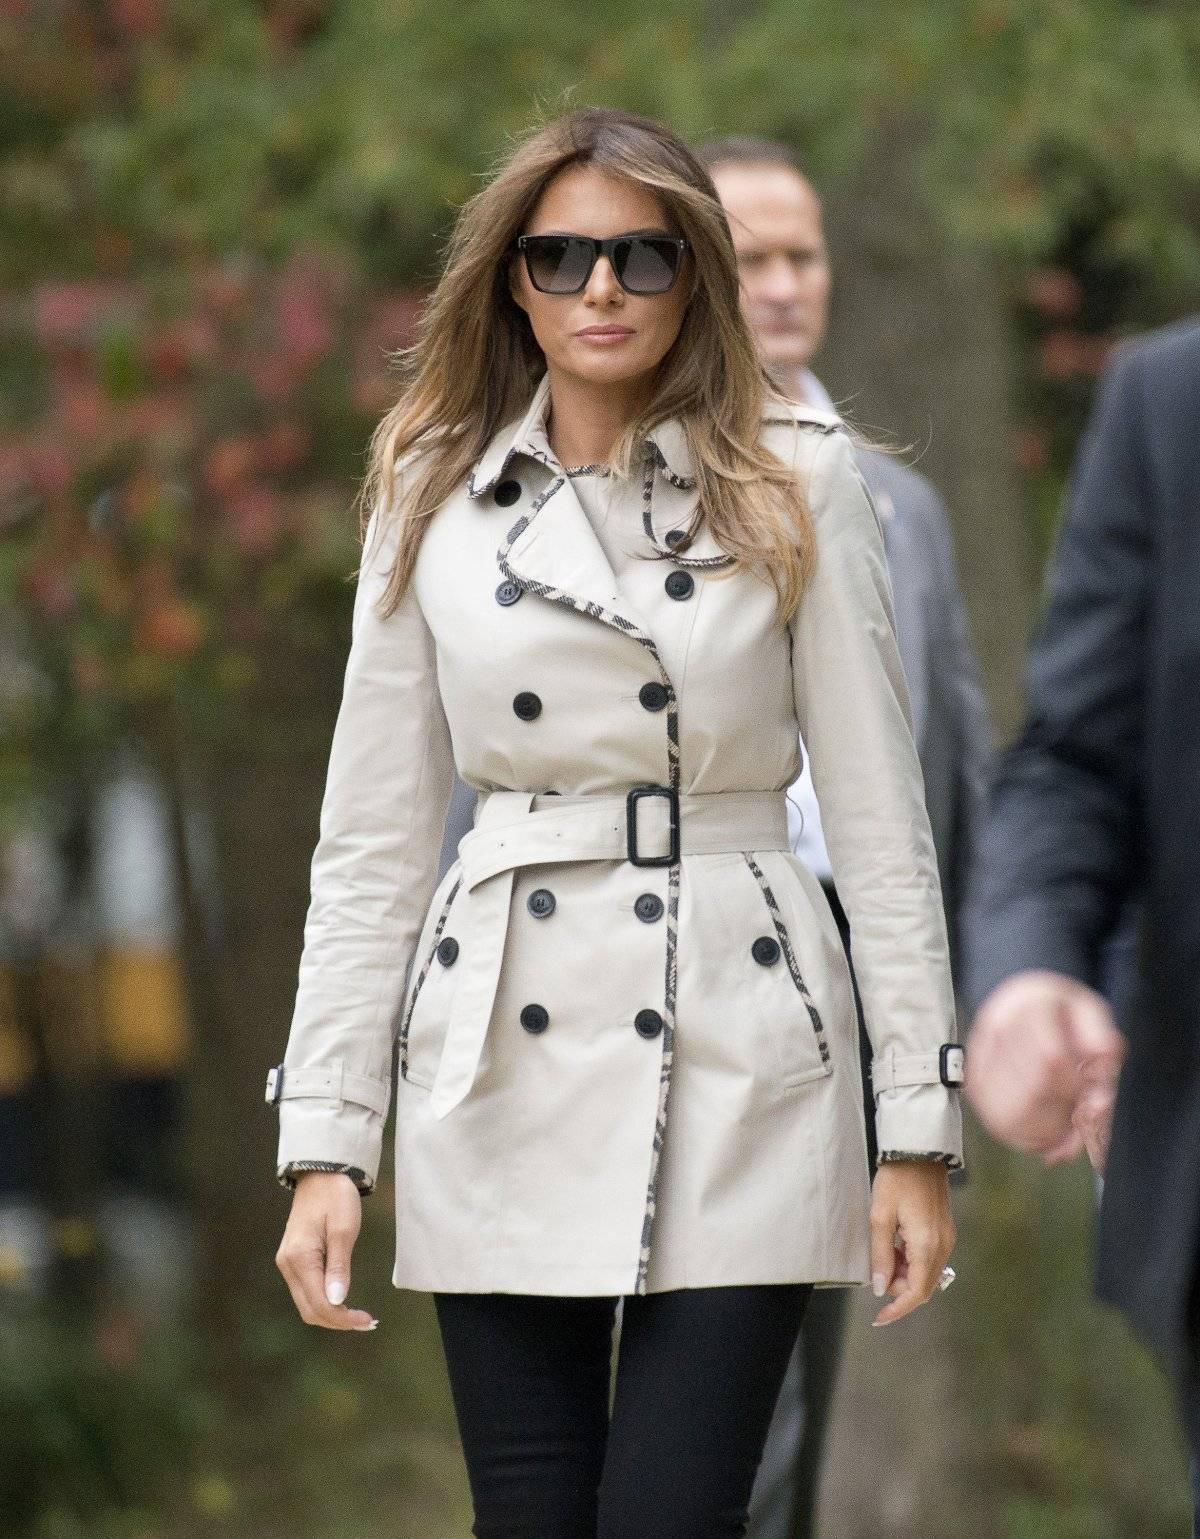 Un look clásico de Melania que plantea la pregunta: ¿es esa Melania? ¿O es una imitadora?